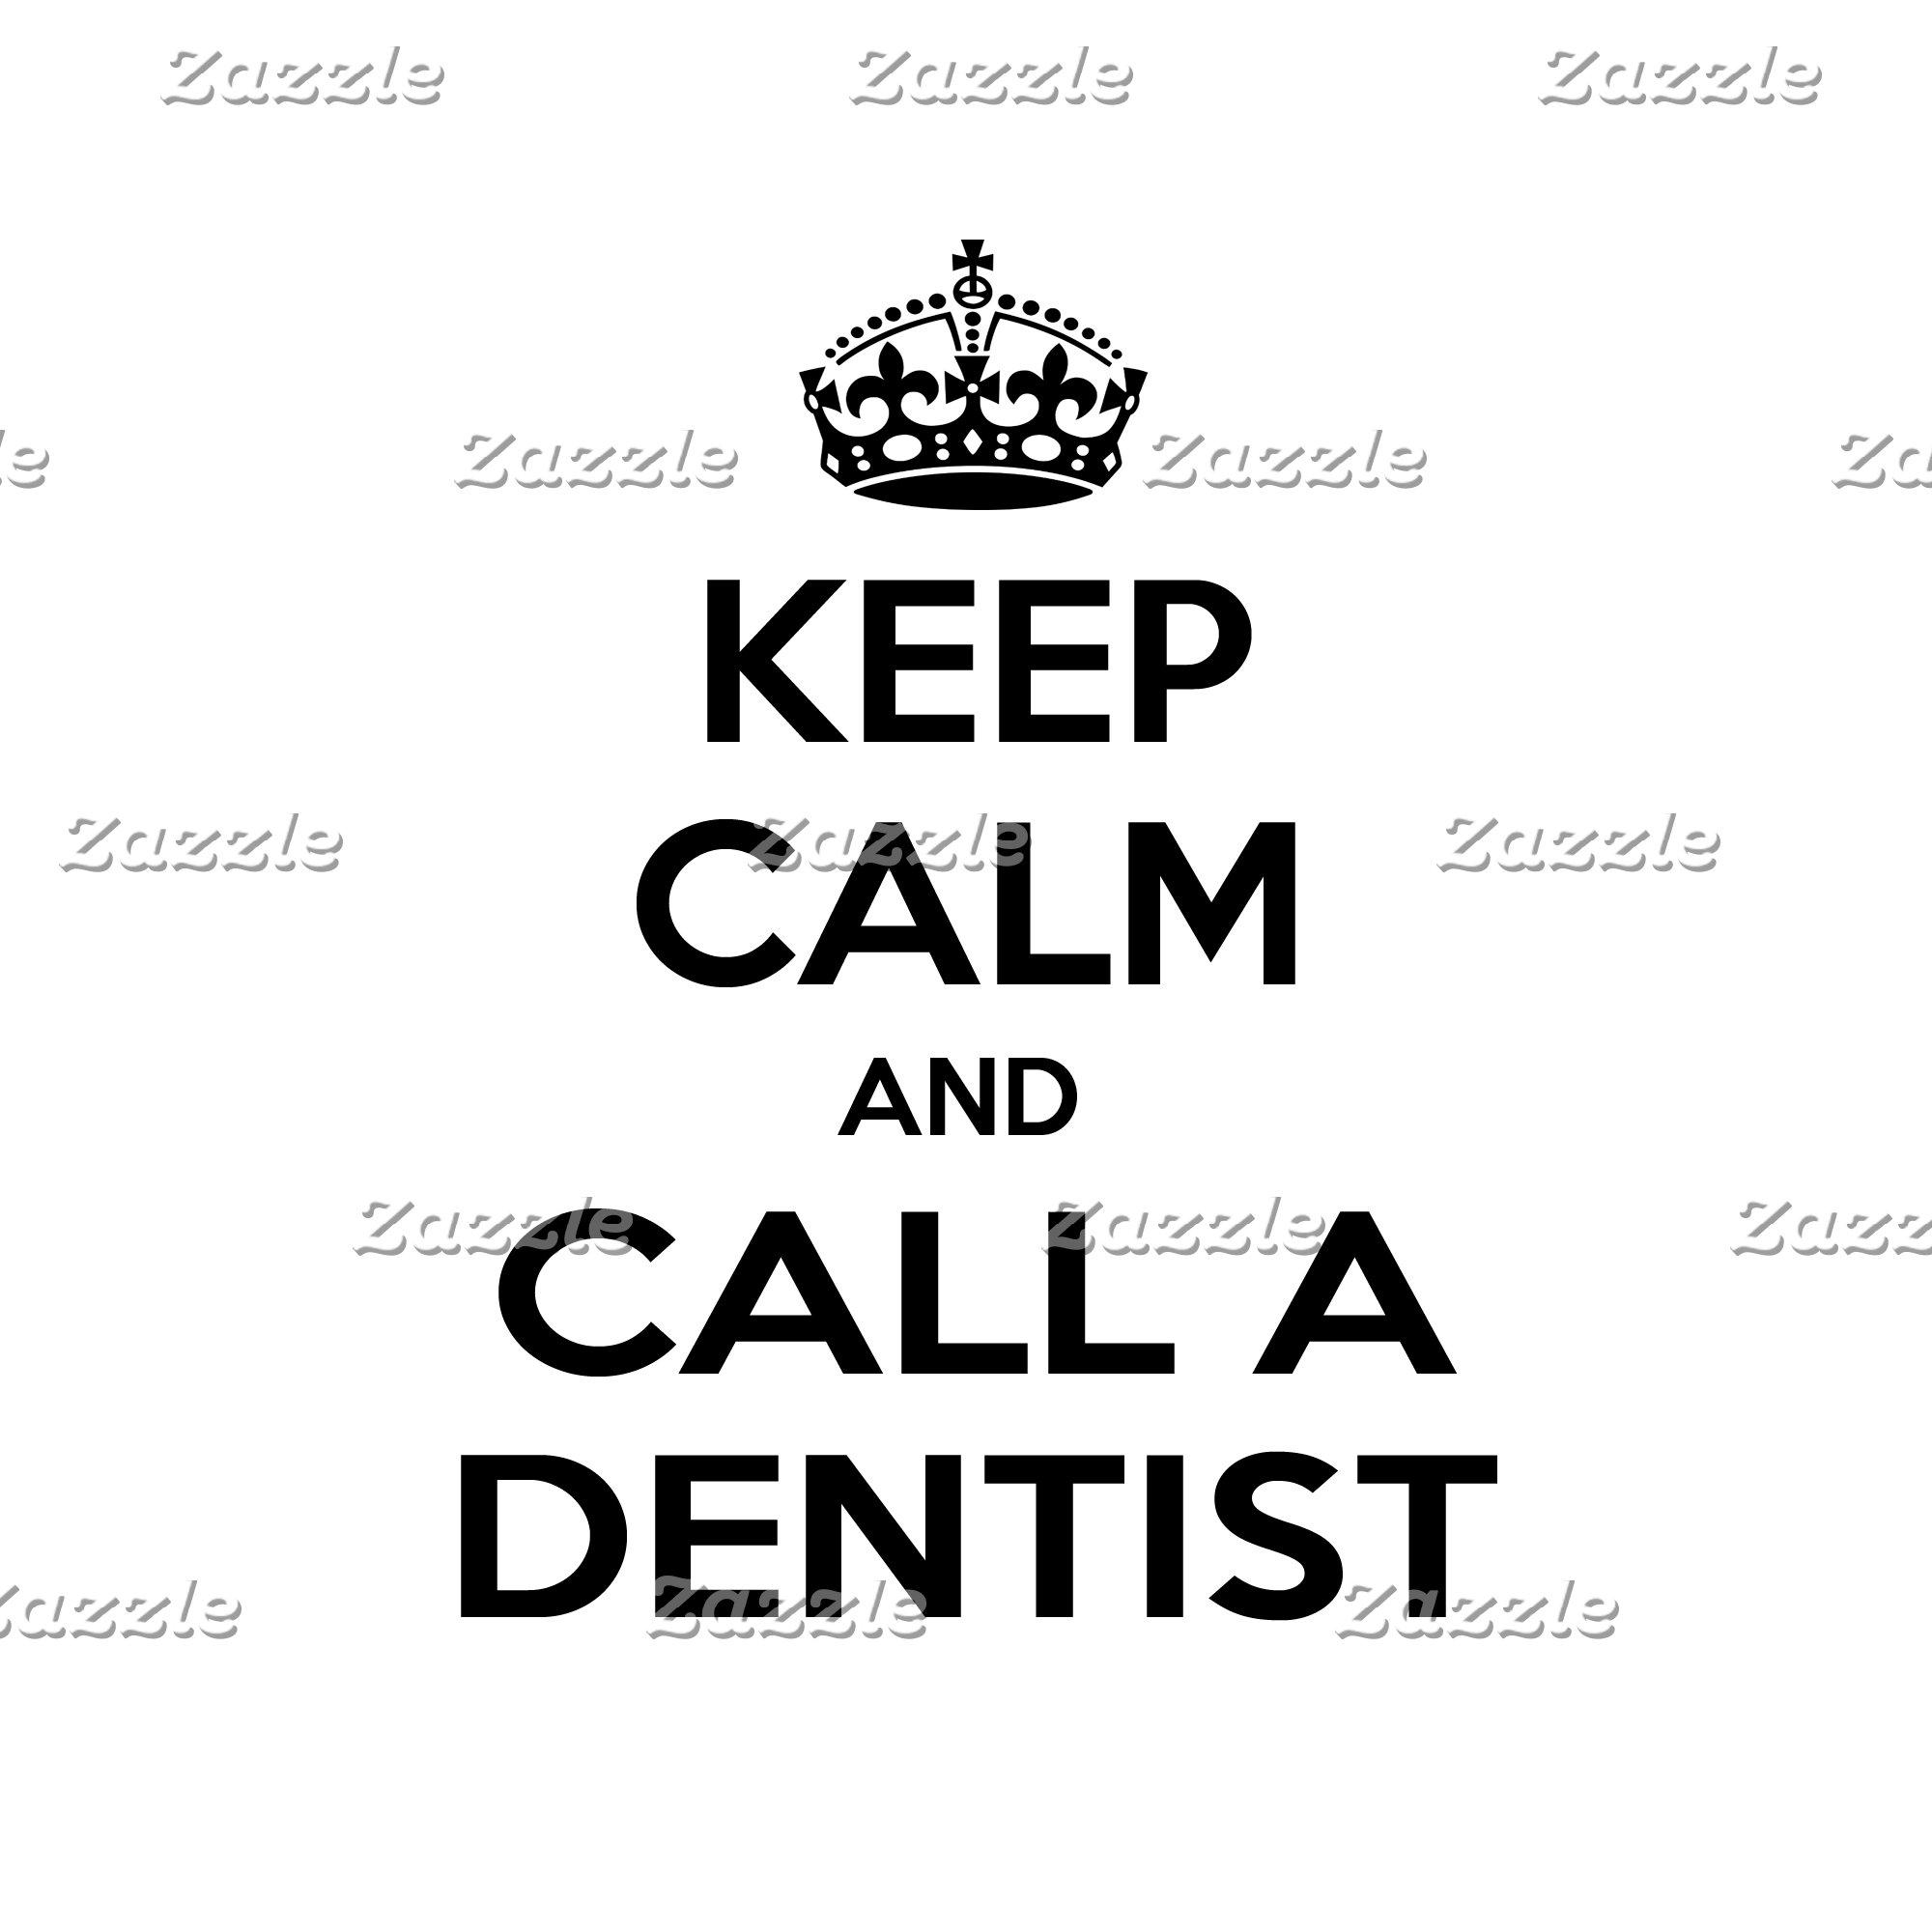 Keep Calm and Call a Dentist